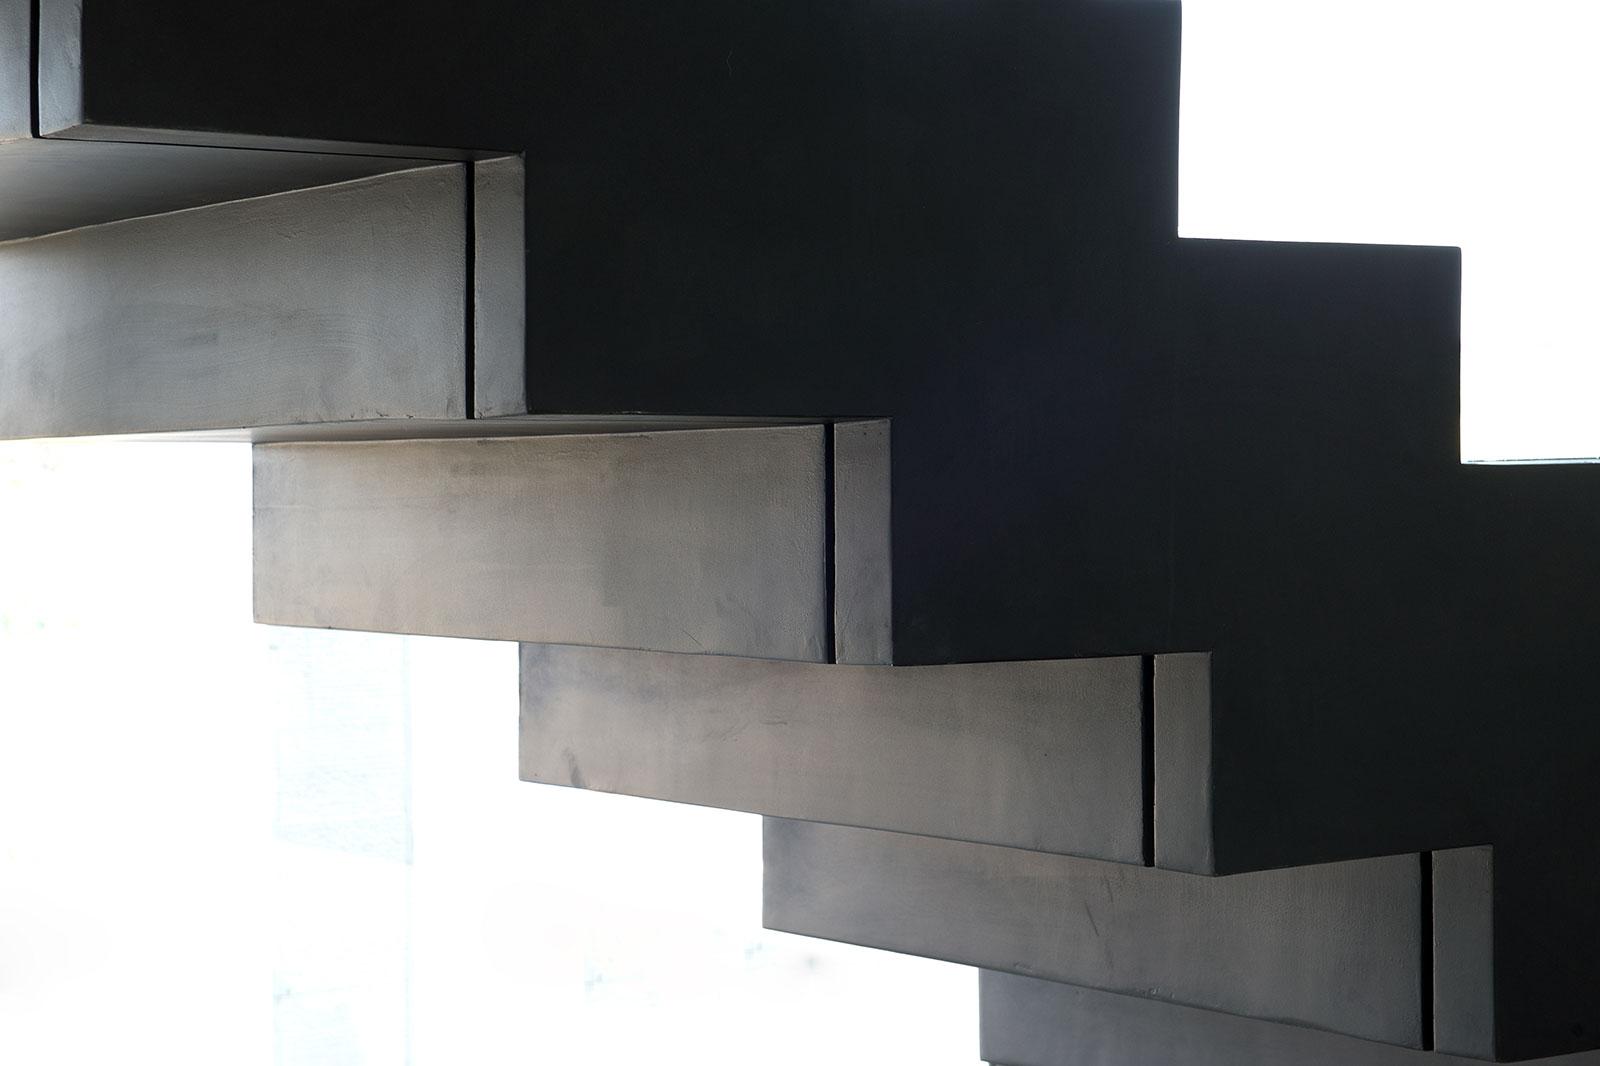 מדרגות מעוצבות מבטון מוחלק